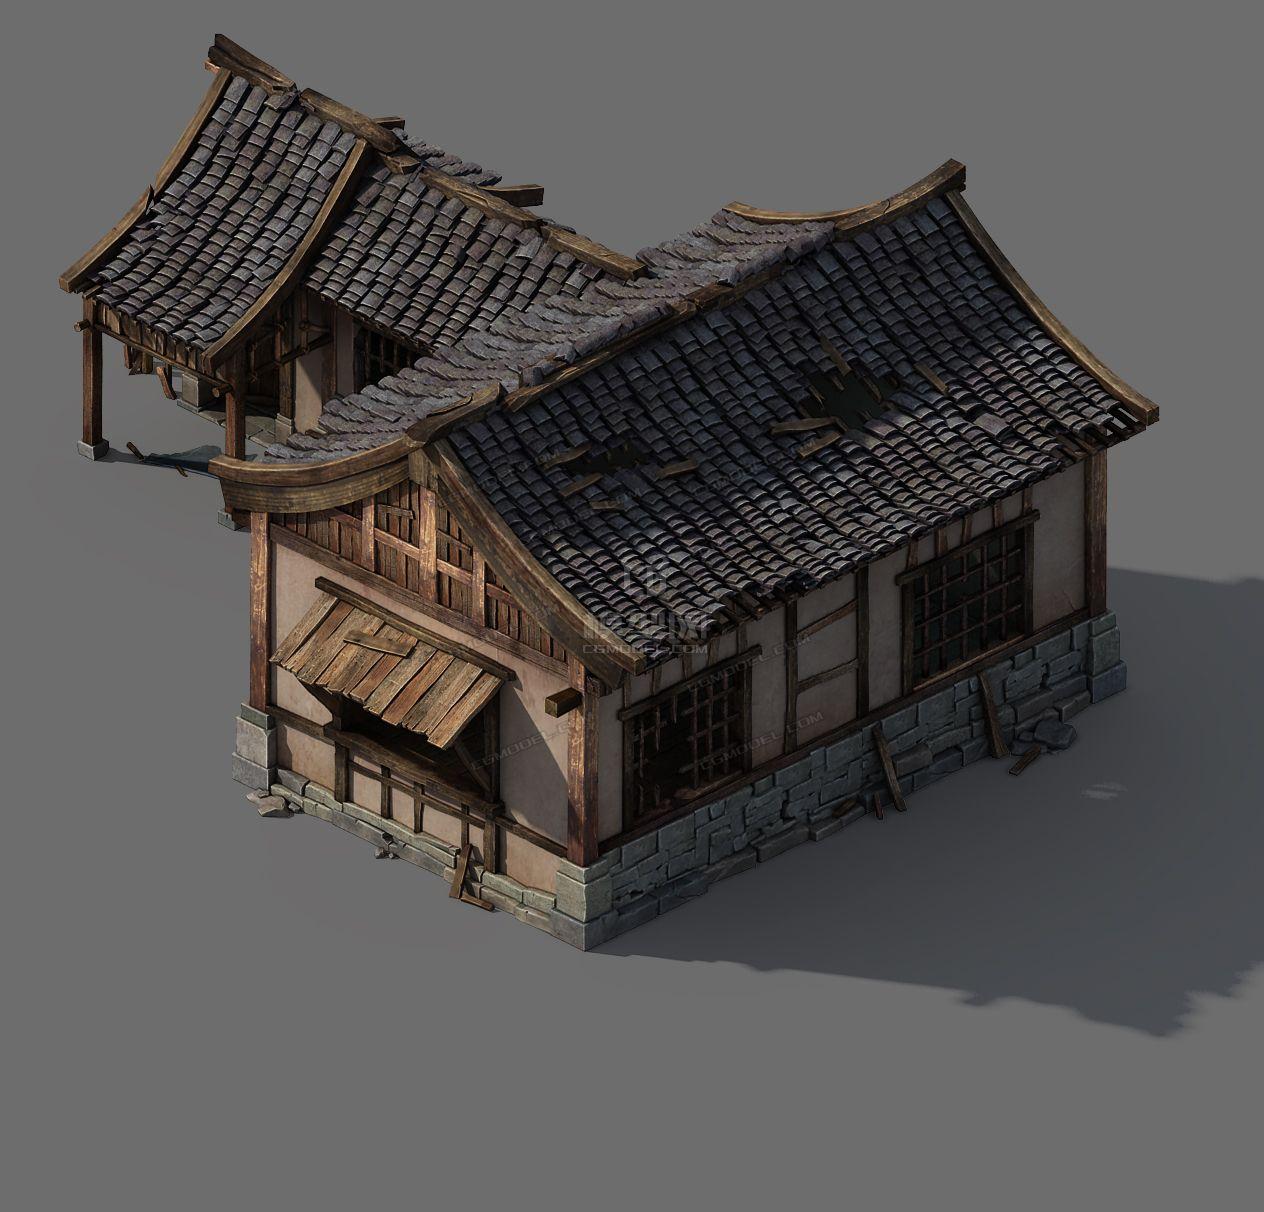 古代民居,写实瓦房,后院,破房子图片